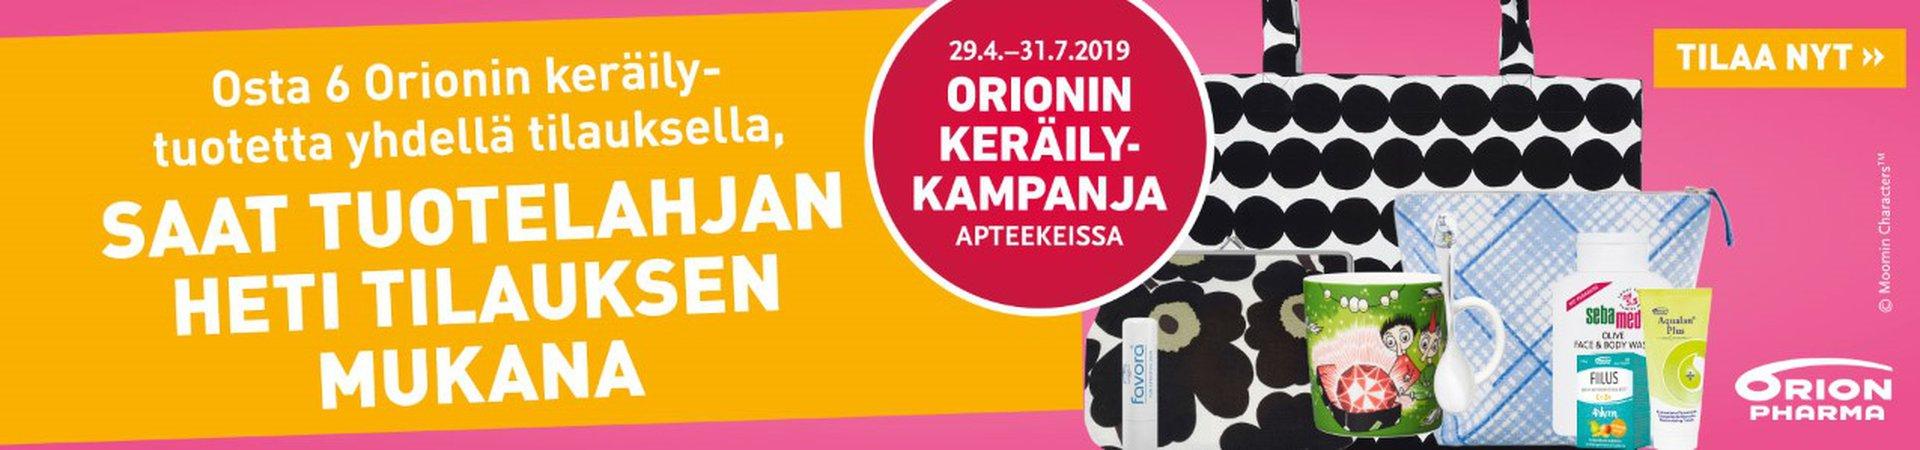 Orionin keräilykampanja - kevät/kesä 2019